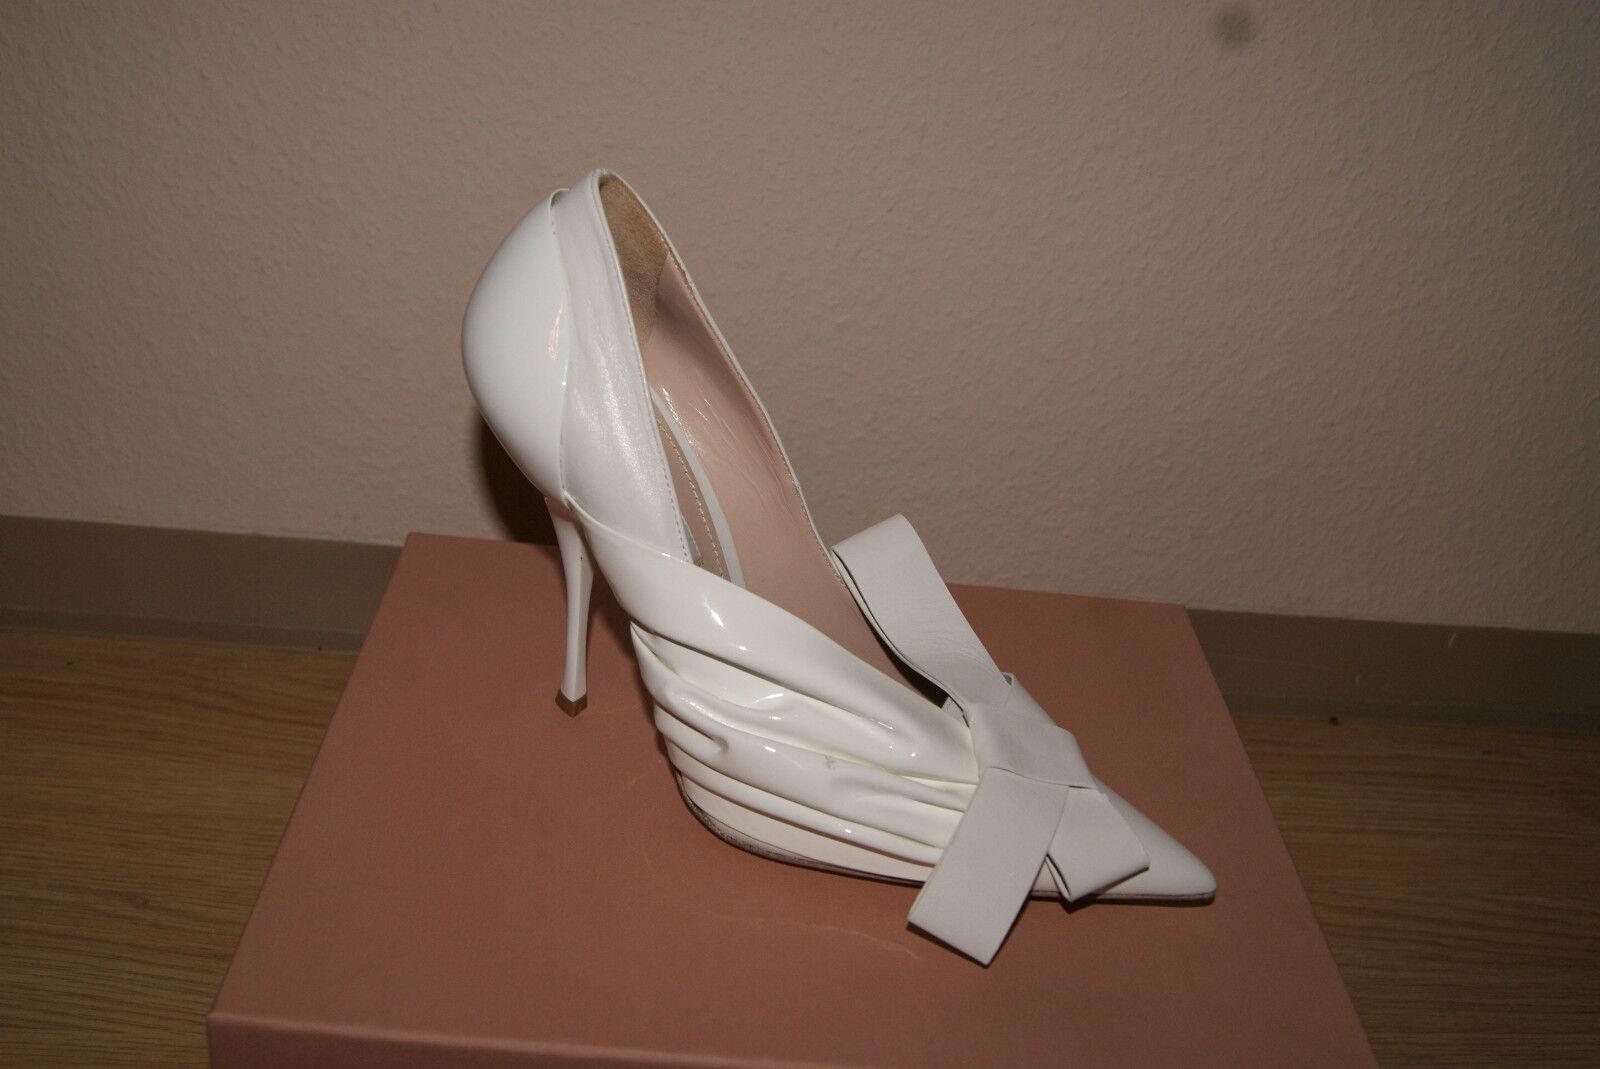 Miu Miu 39 by Prada Pumps Gr. 39 Miu Damenschuhe Abendschuhe weiß Hochzeit Schuhe NEU 3e171e